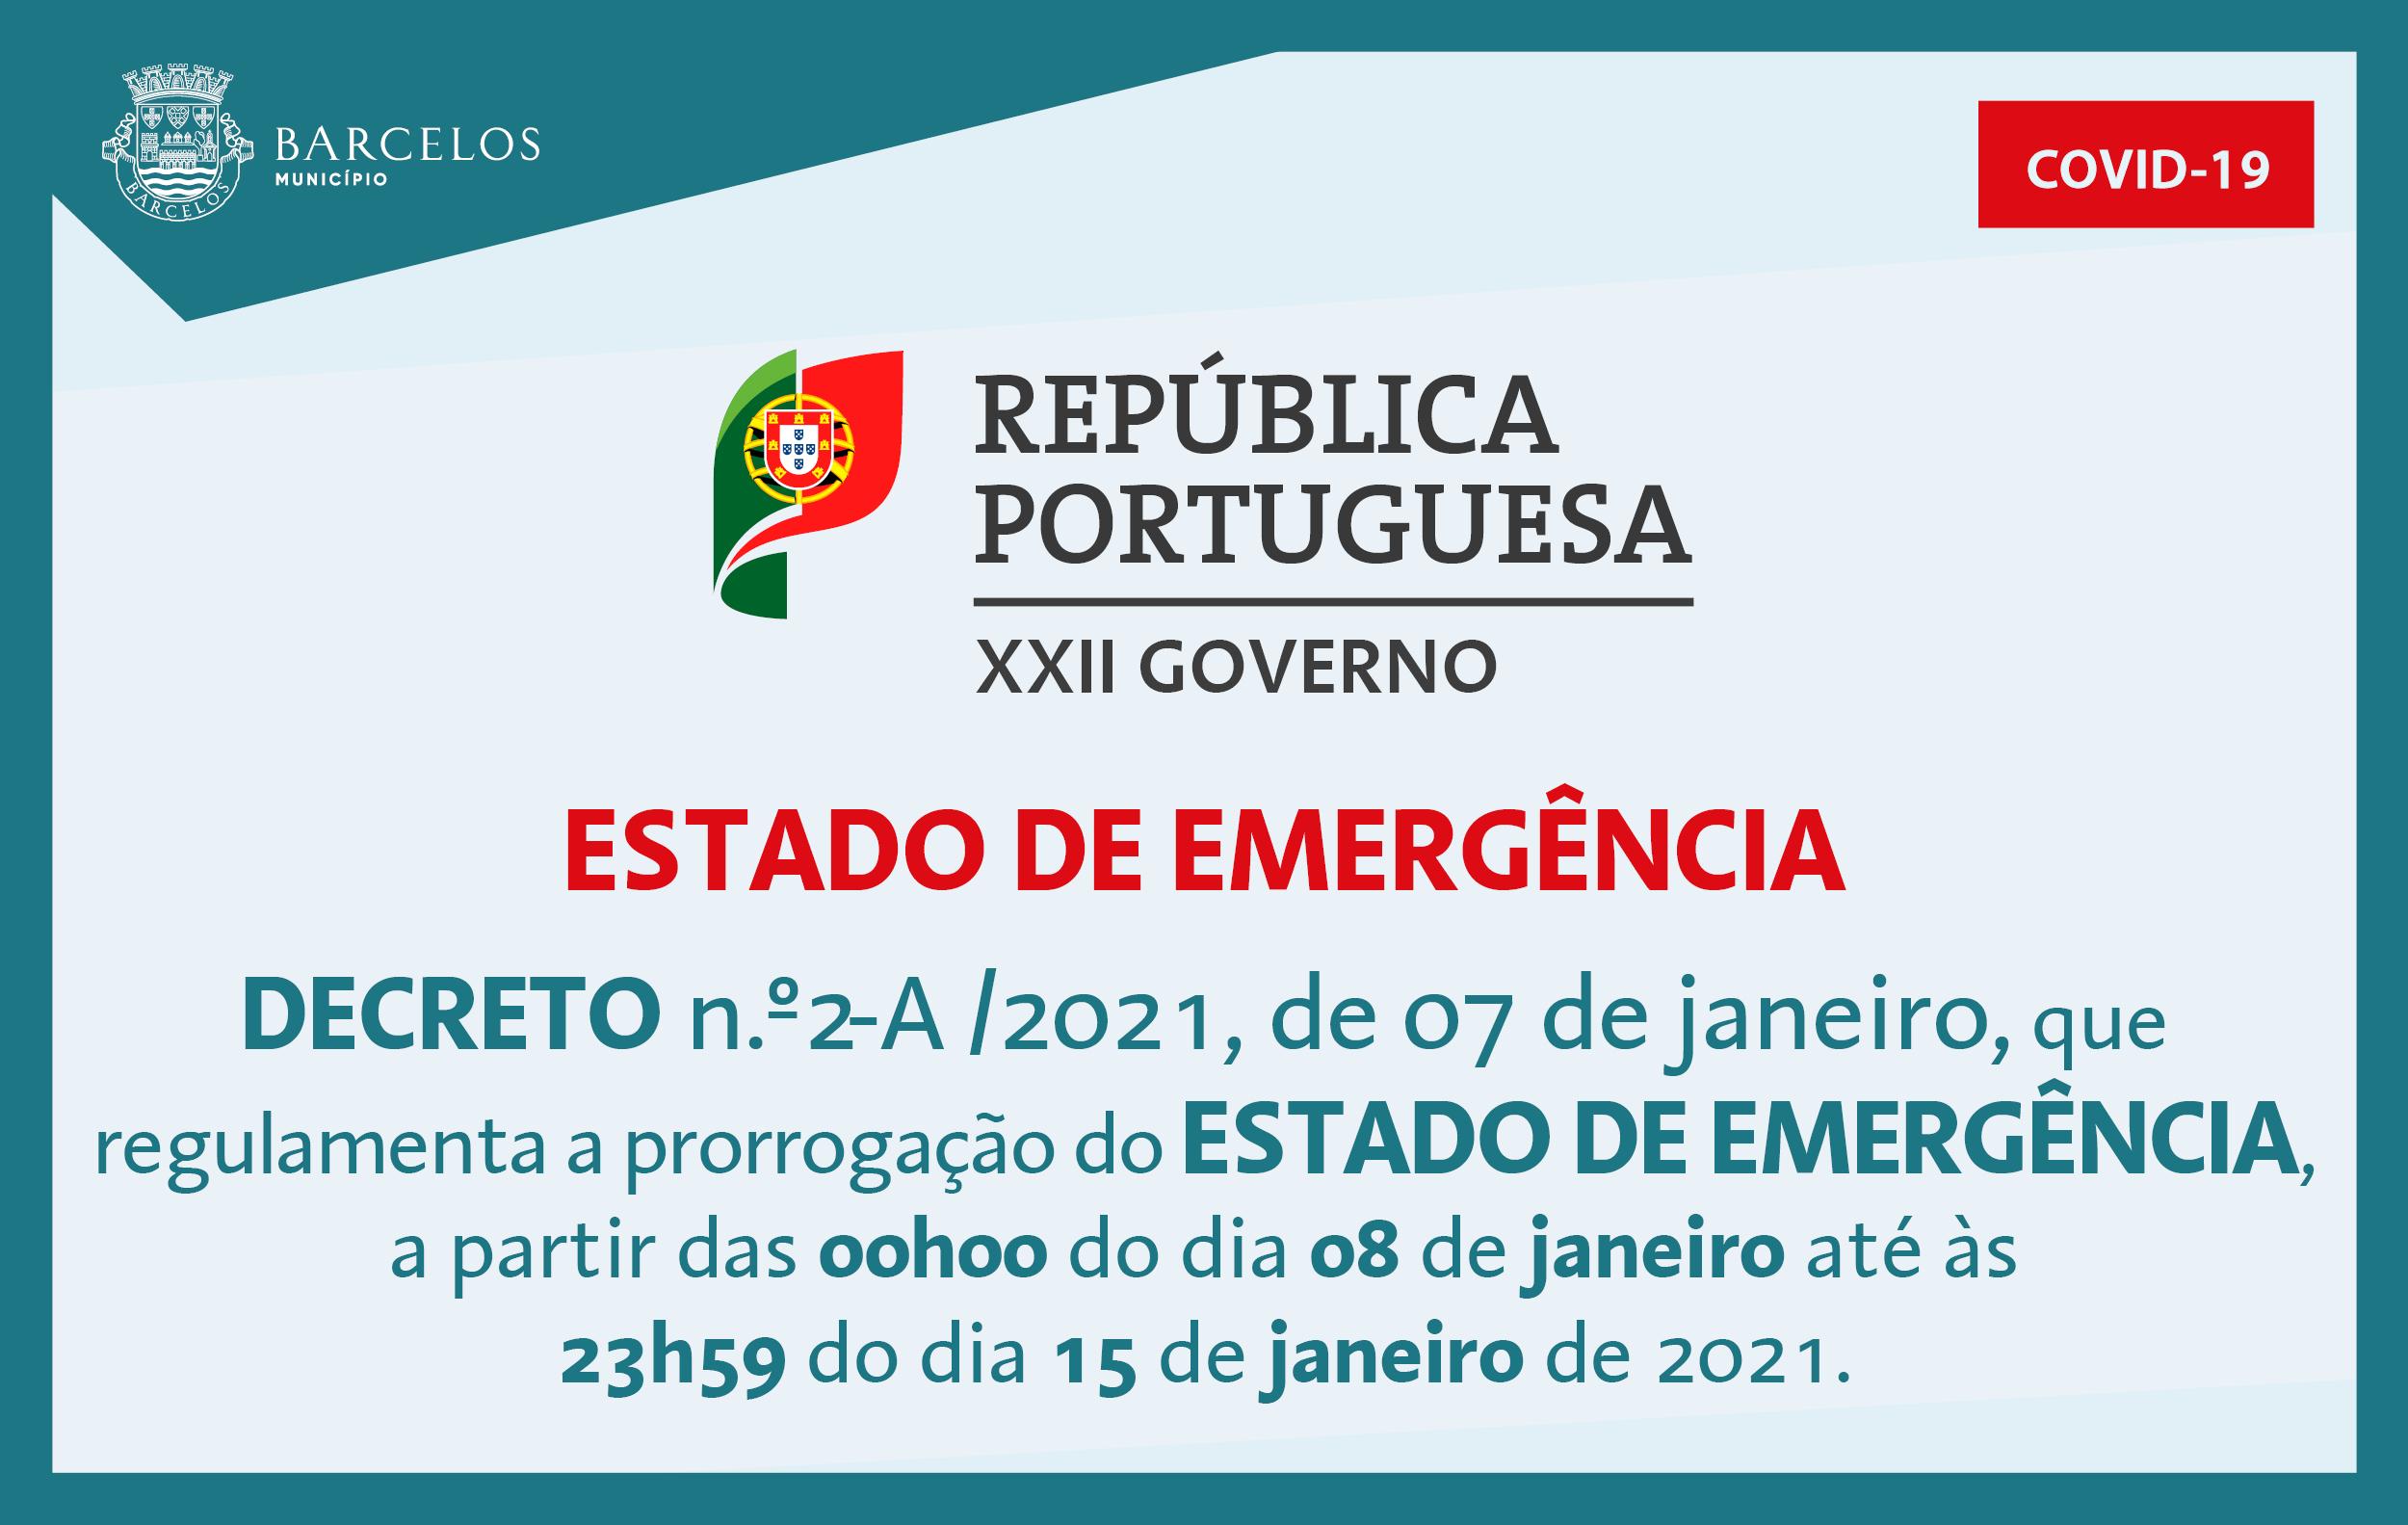 Decreto n.º2-A/2021, de 7 de janeiro, que regulamenta a prorrogação do Estado de Emergência